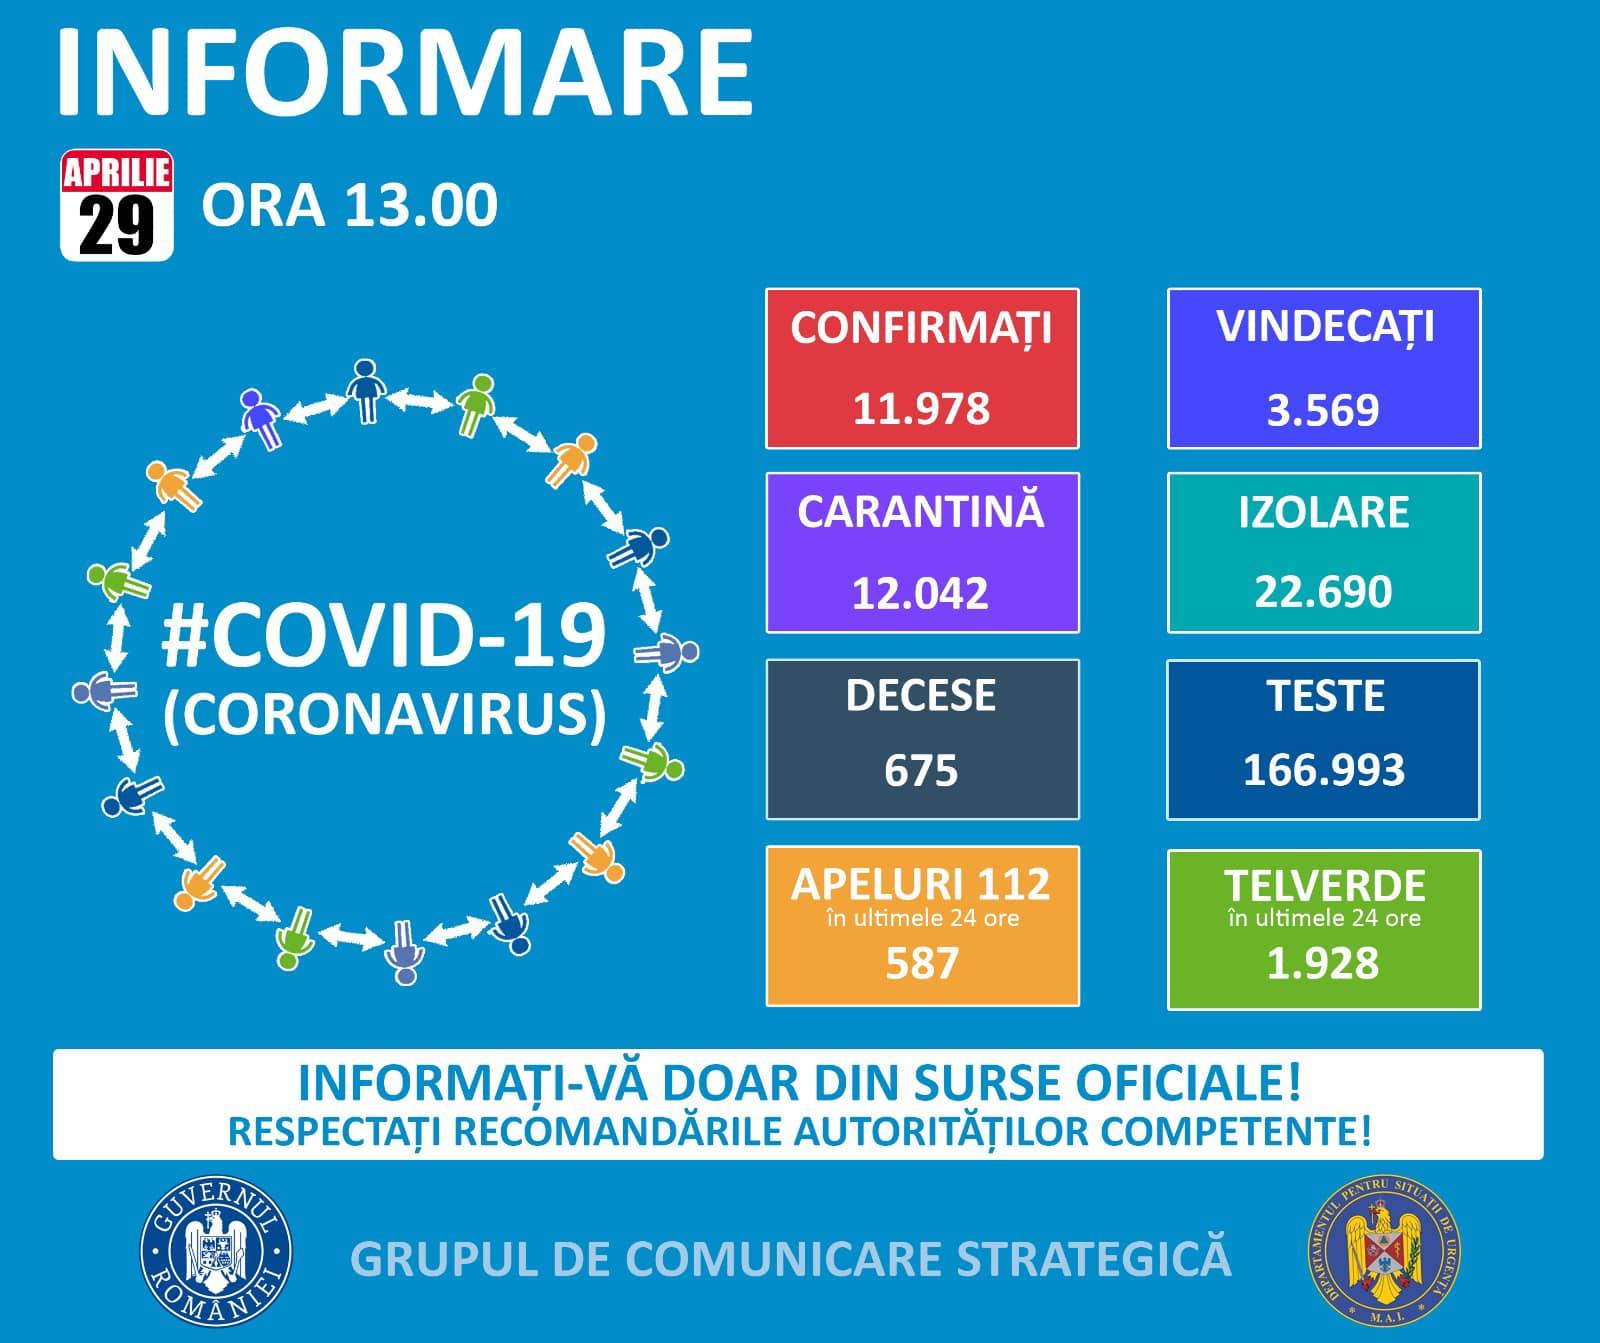 Informare COVID-19